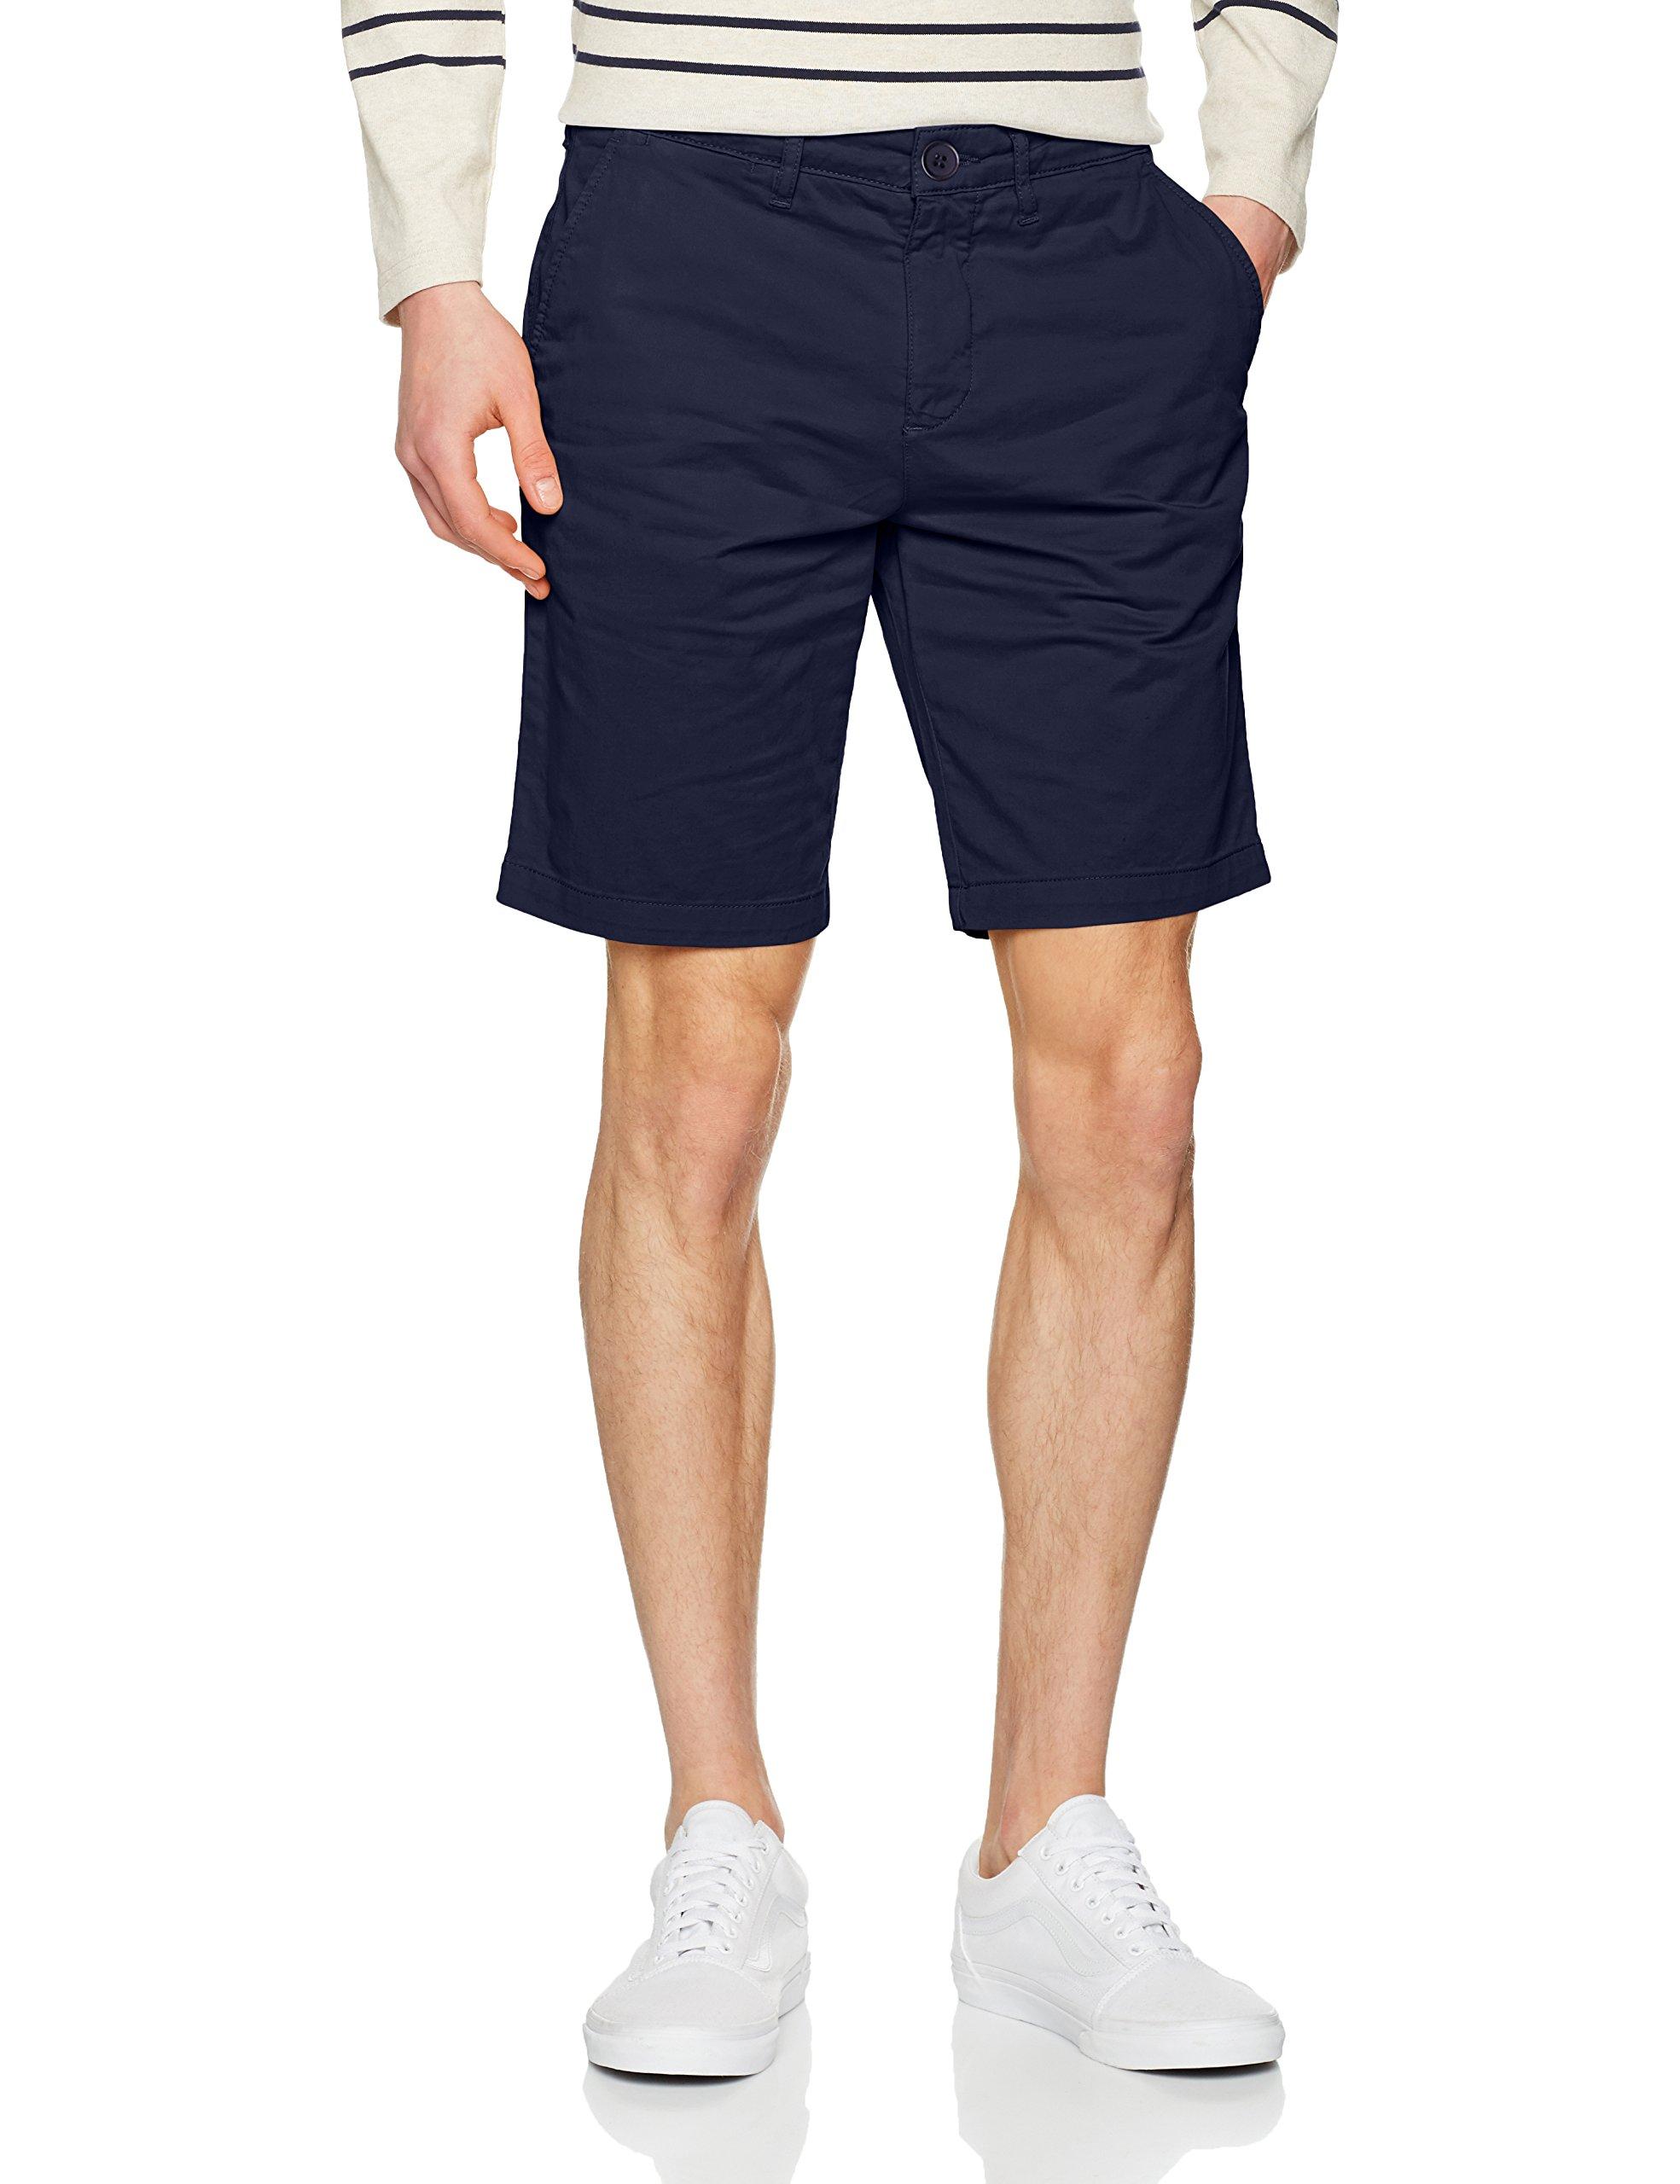 Lyle & Scott Men's Garment Dye Logo Chino Shorts, Blue, 36W